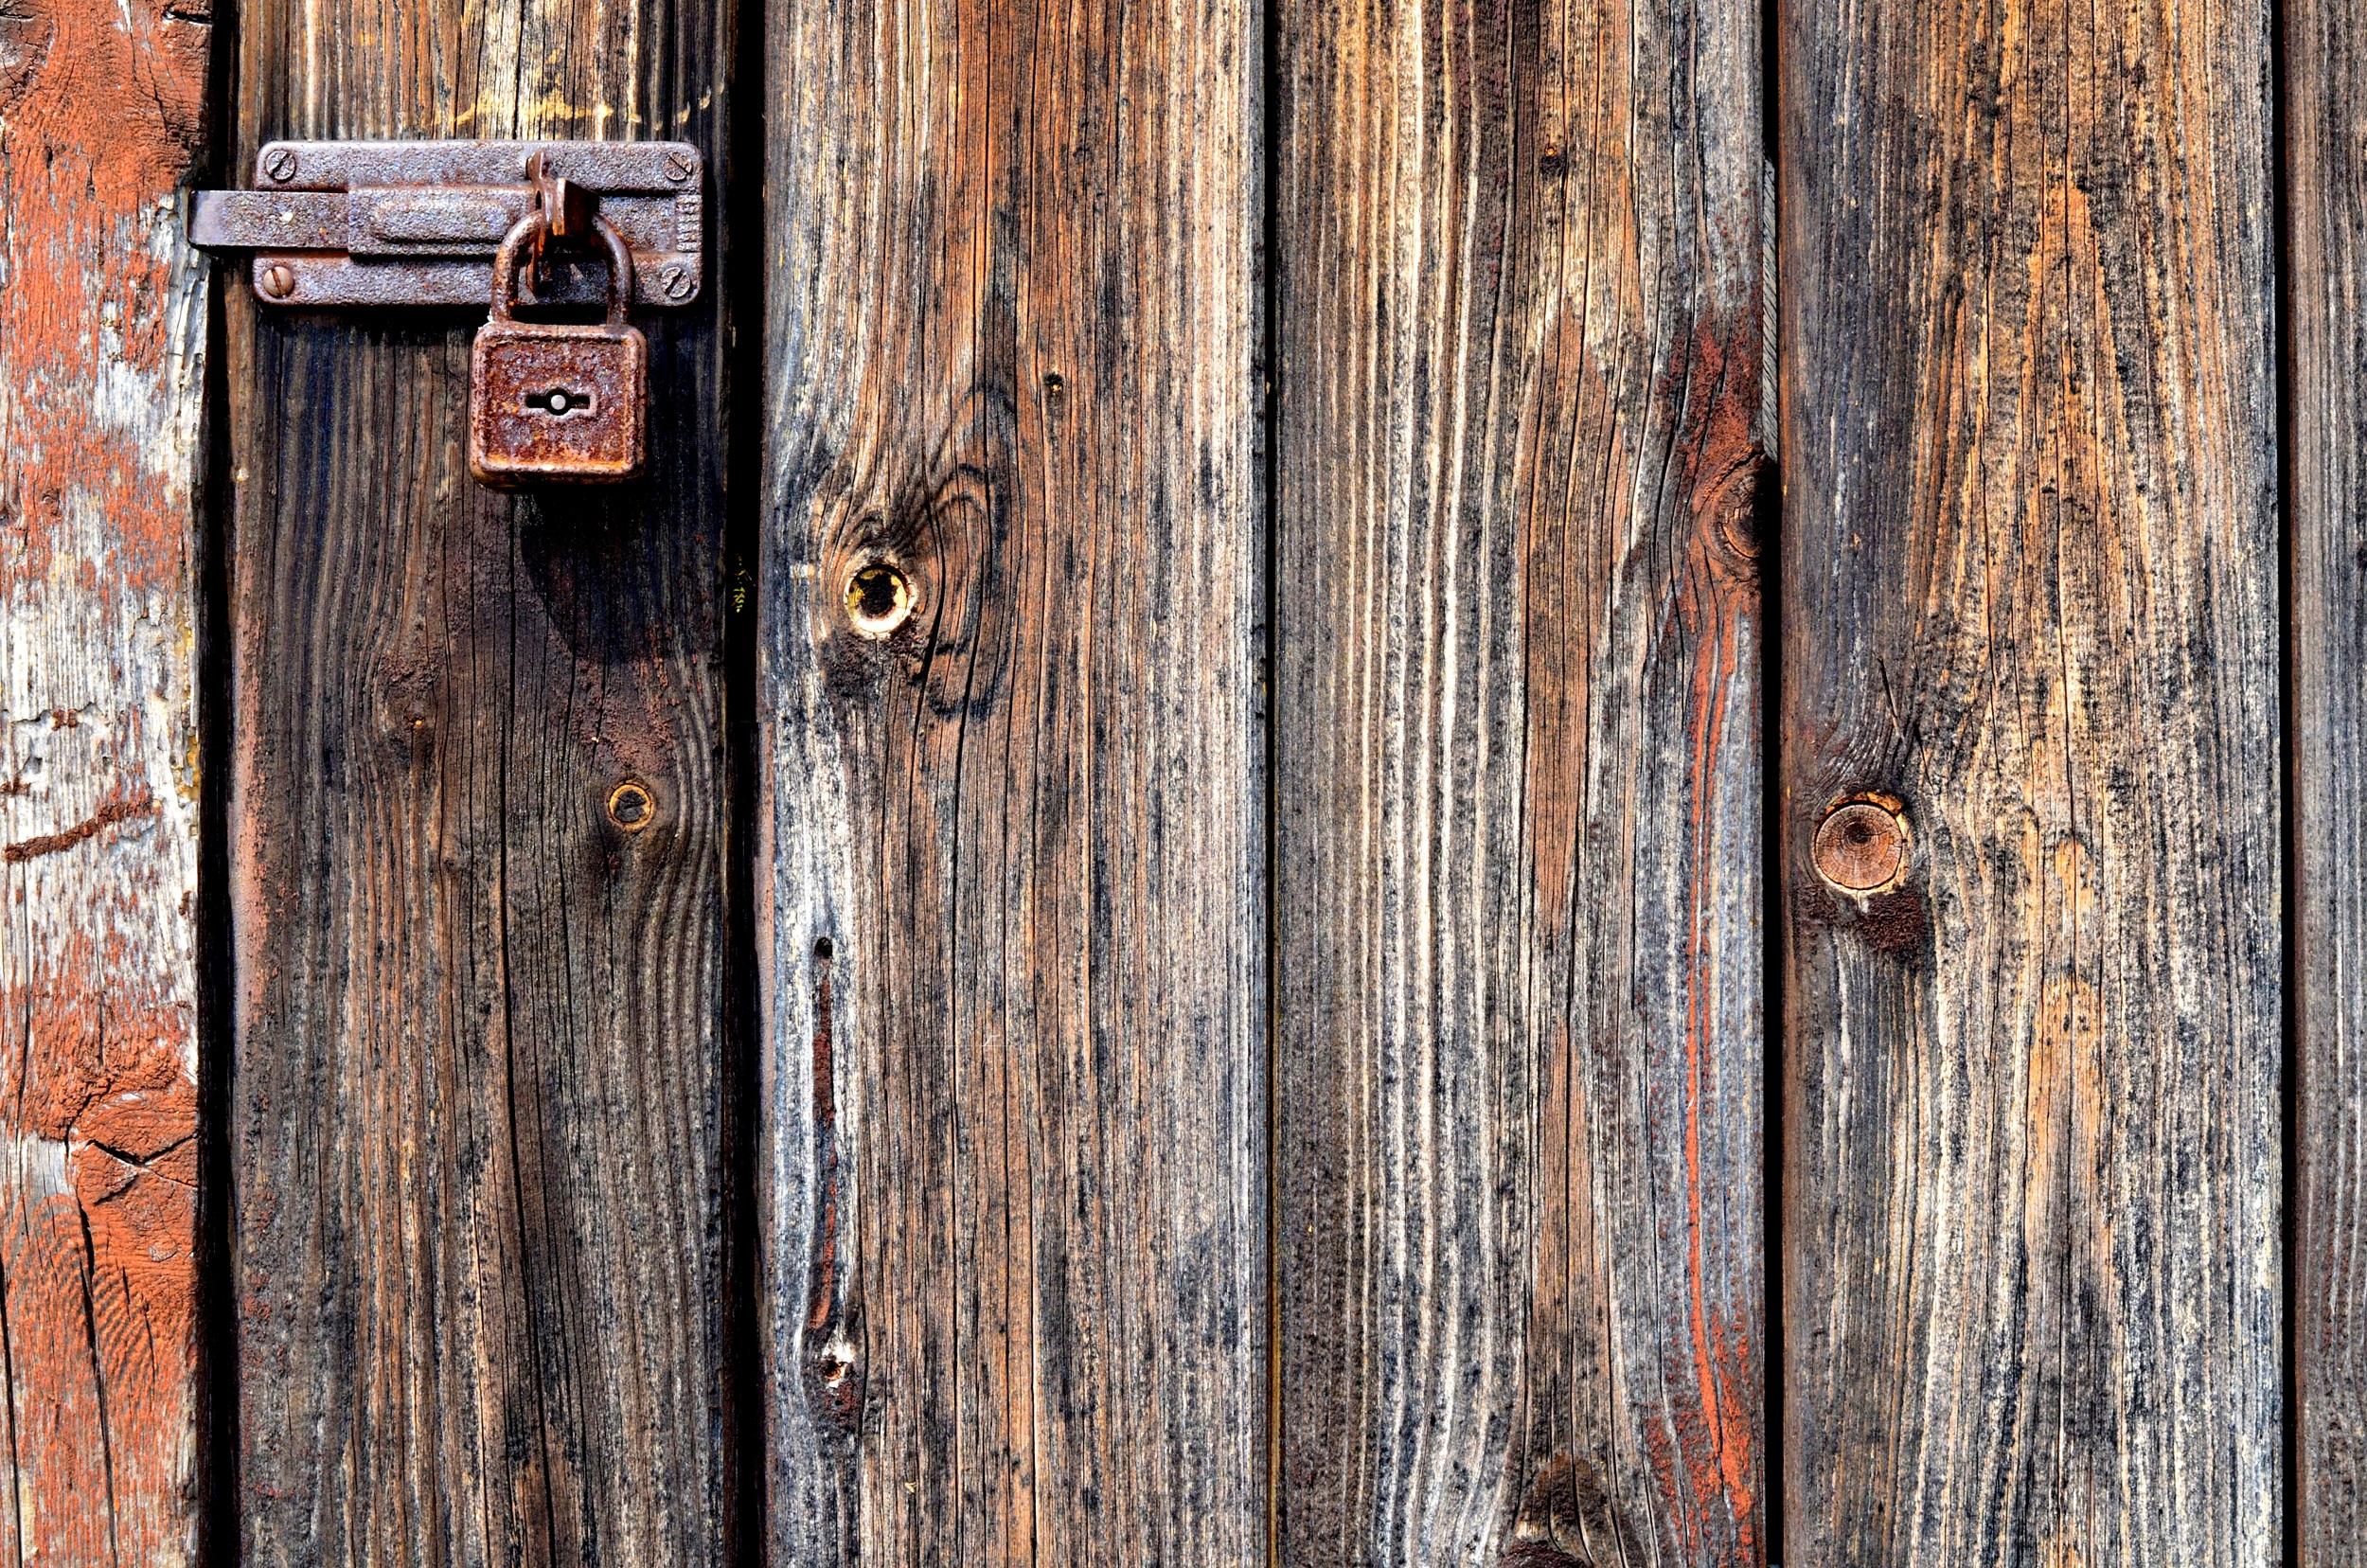 wood texture plank trunk old wall rust lumber door padlock hardwood old door metal padlock door & Free Images : texture plank trunk wall rust lumber hardwood ...